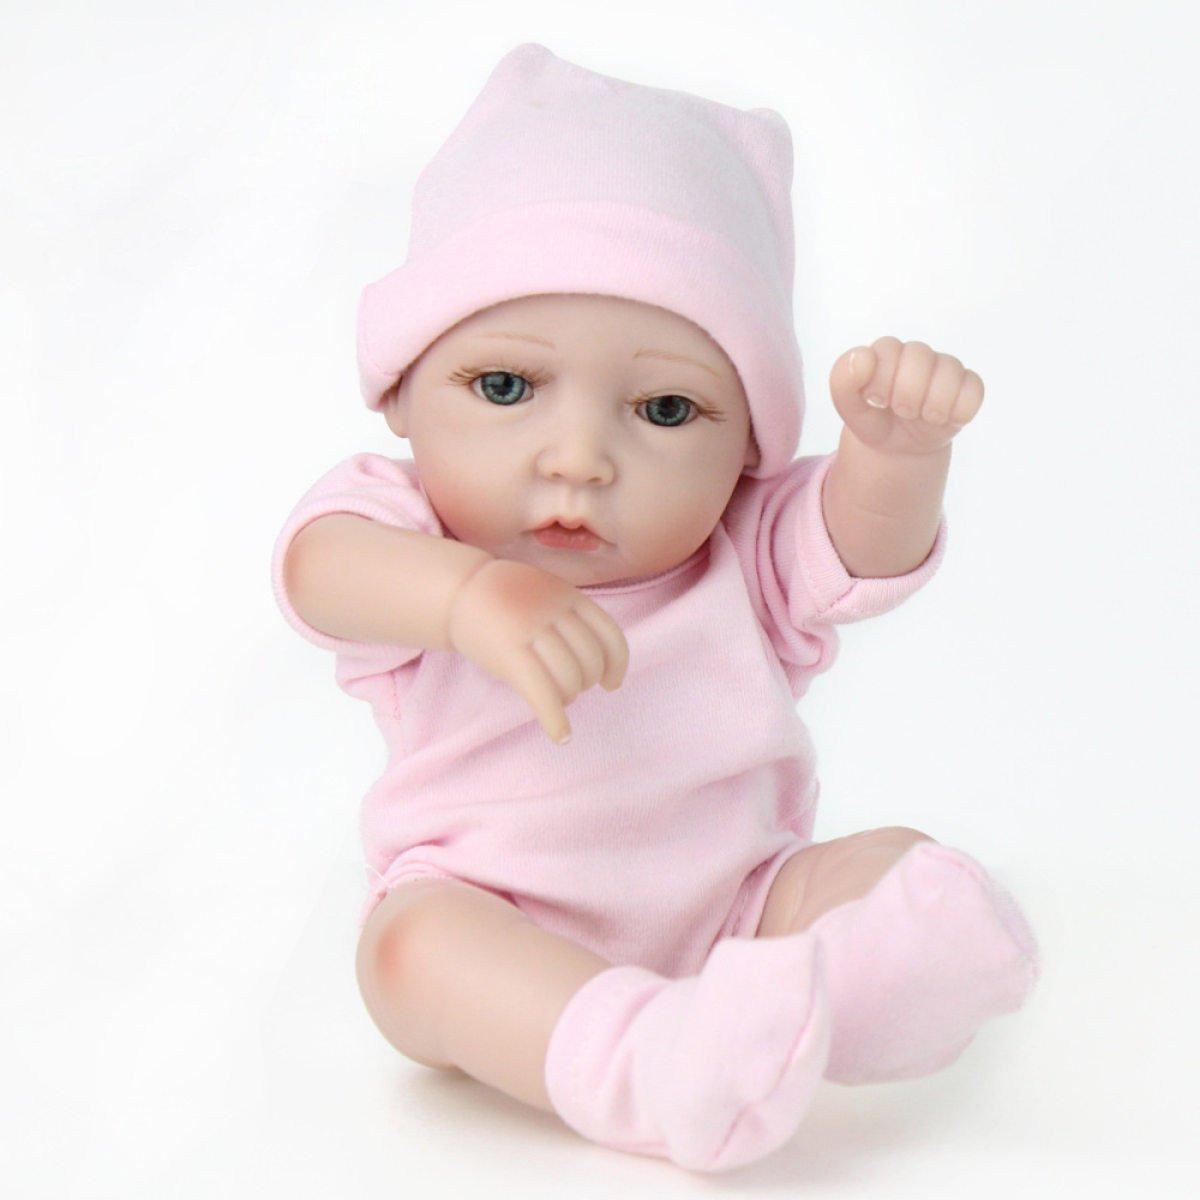 Silikon-Vinyl Reborn Babypuppen Handgemachte Lebensechte Realistische Baby Puppe Weißhe Simulation 11 Zoll 28 Cm Augen Offen Mädchen Lieblingsgeschenk Kann Ein Bad Nehmen